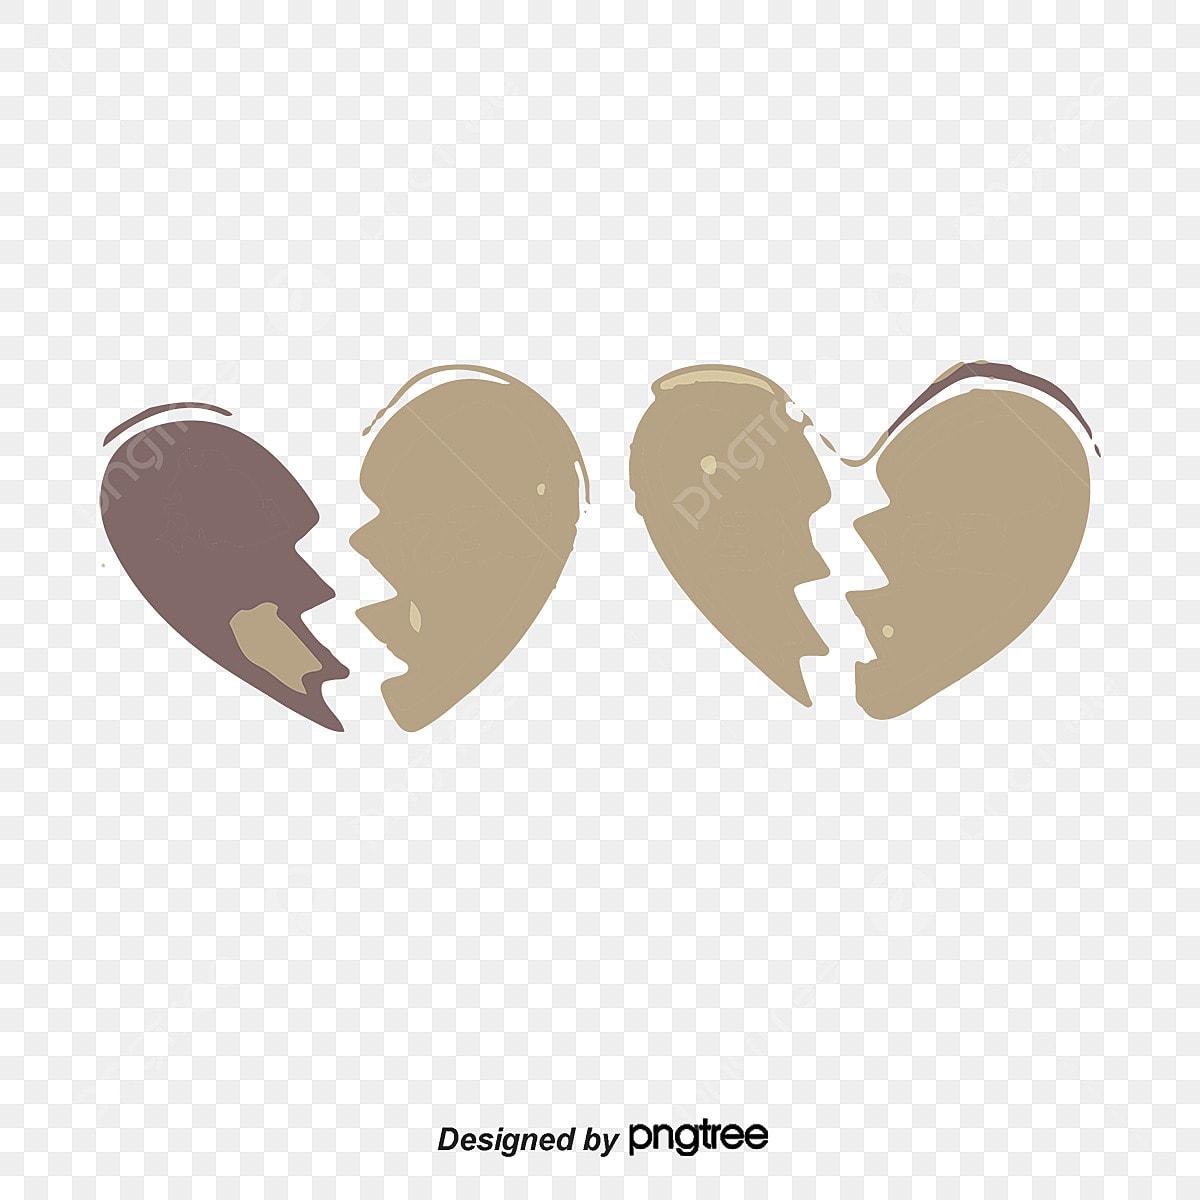 Gambar Patah Hati Heartbreak Sedih Kecewa Png Dan Vektor Untuk Muat Turun Percuma